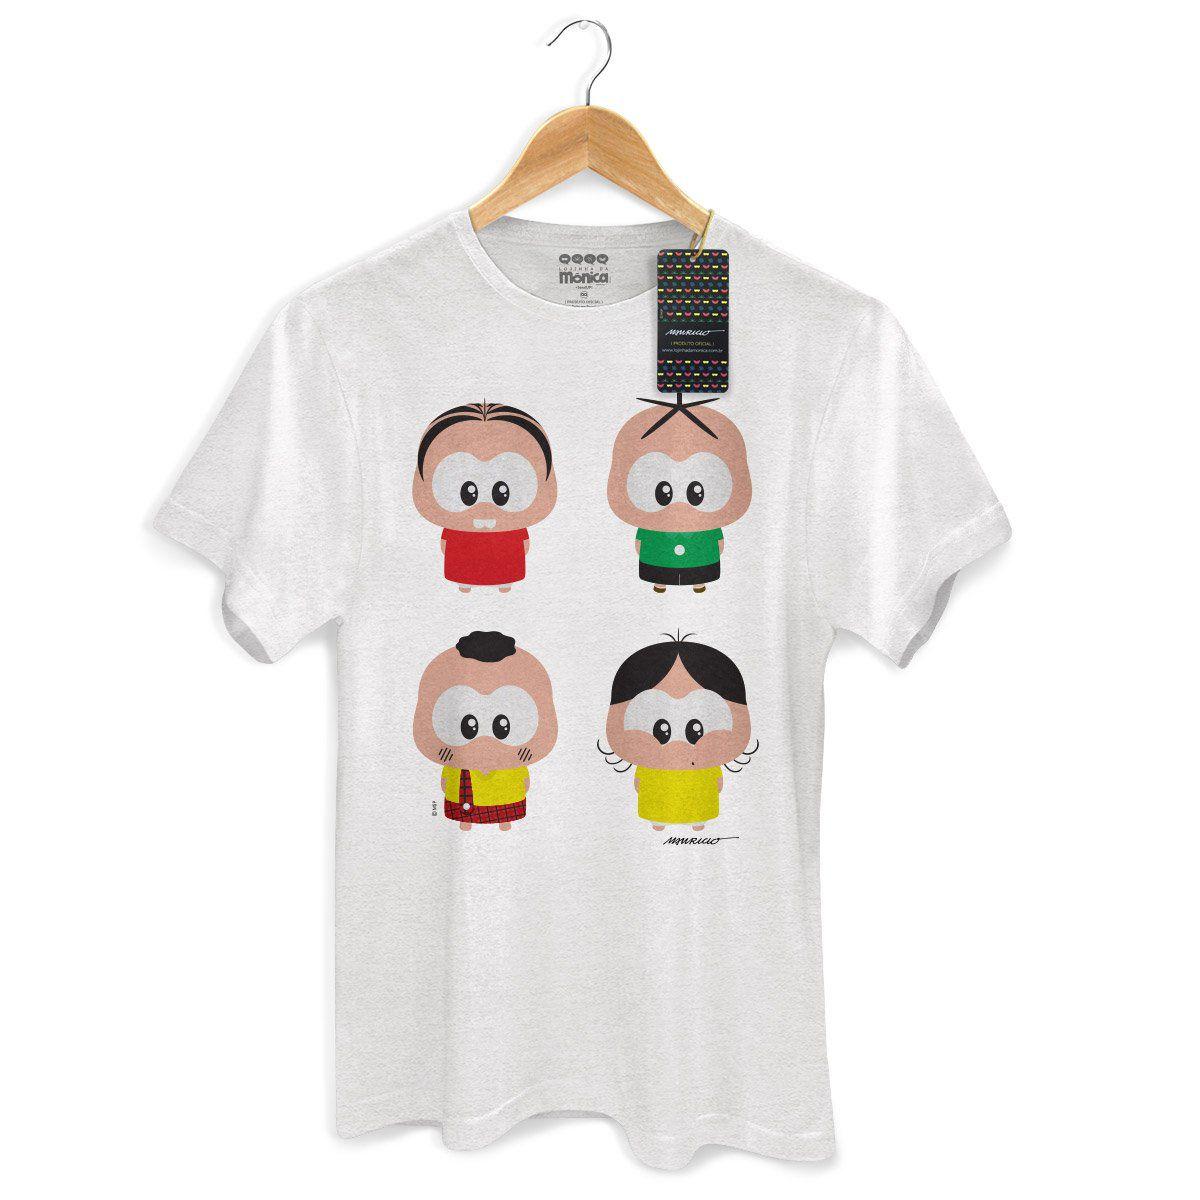 NÃO USAR Camiseta Masculina Turma da Mônica Toy A Turma Toy